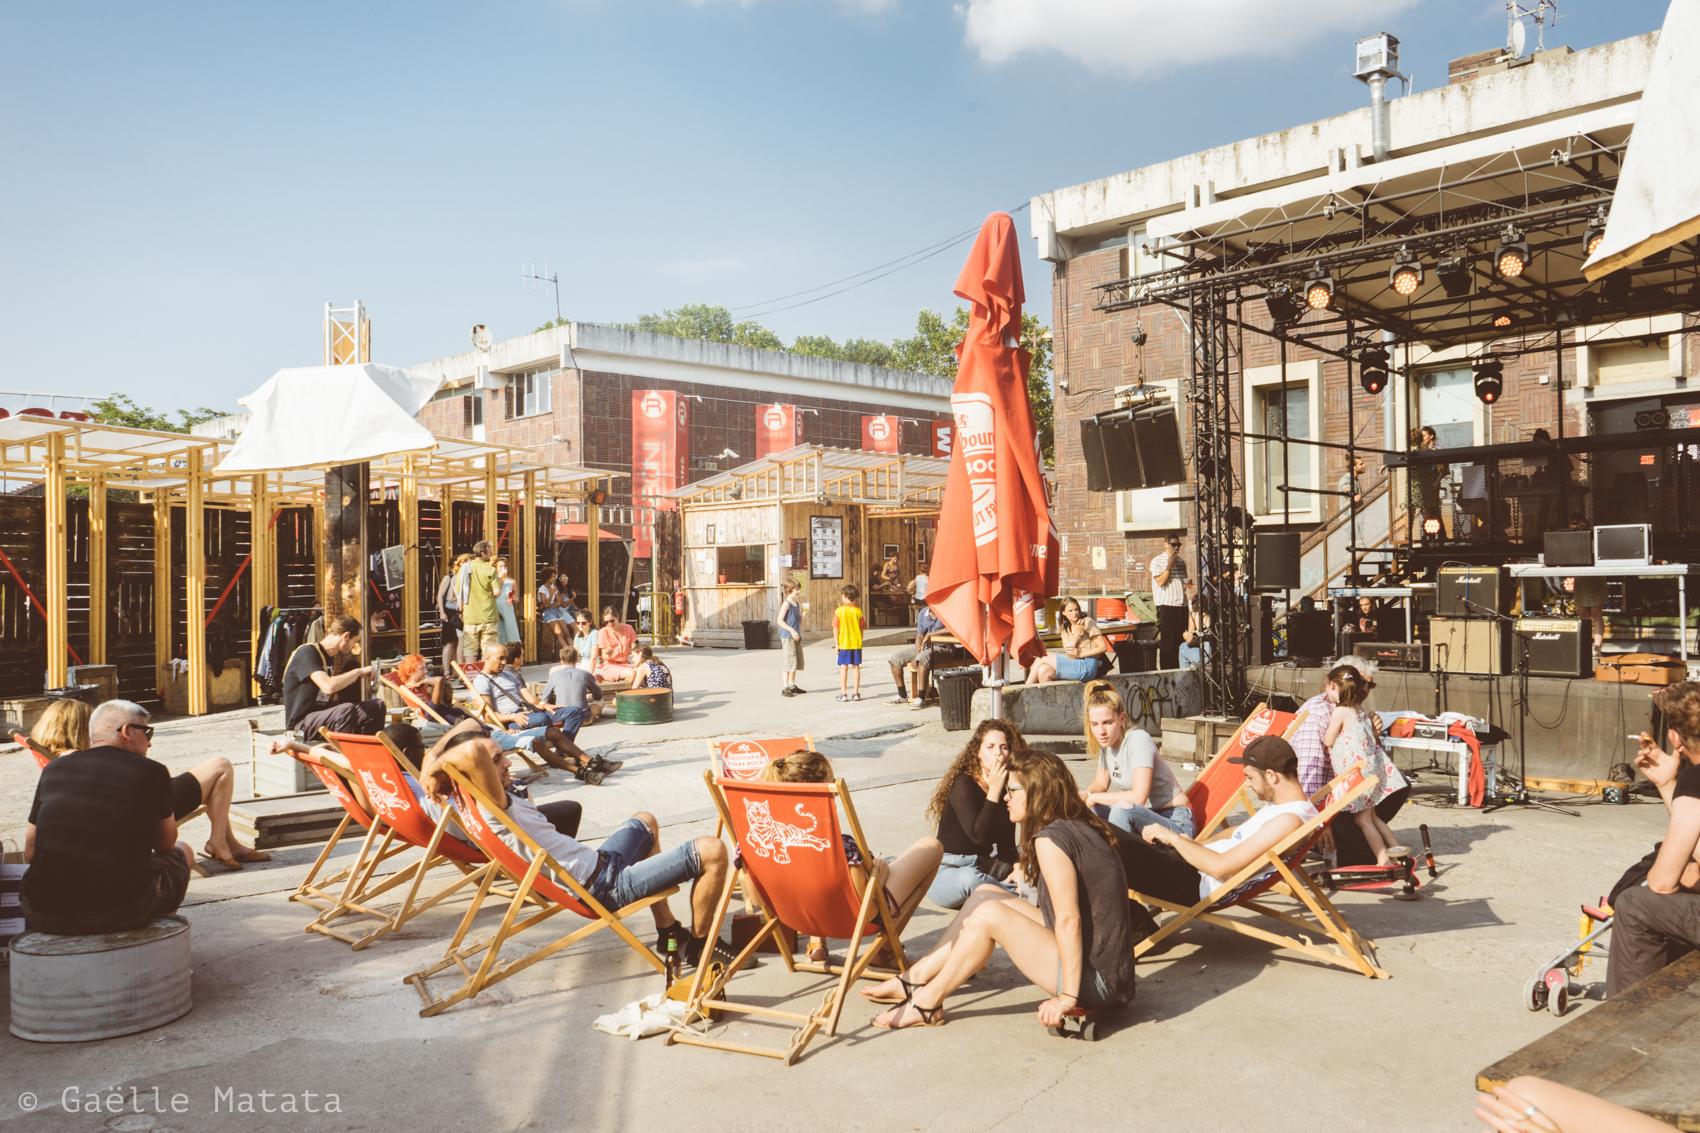 Le club parisien La Station rouvre ses portes au public